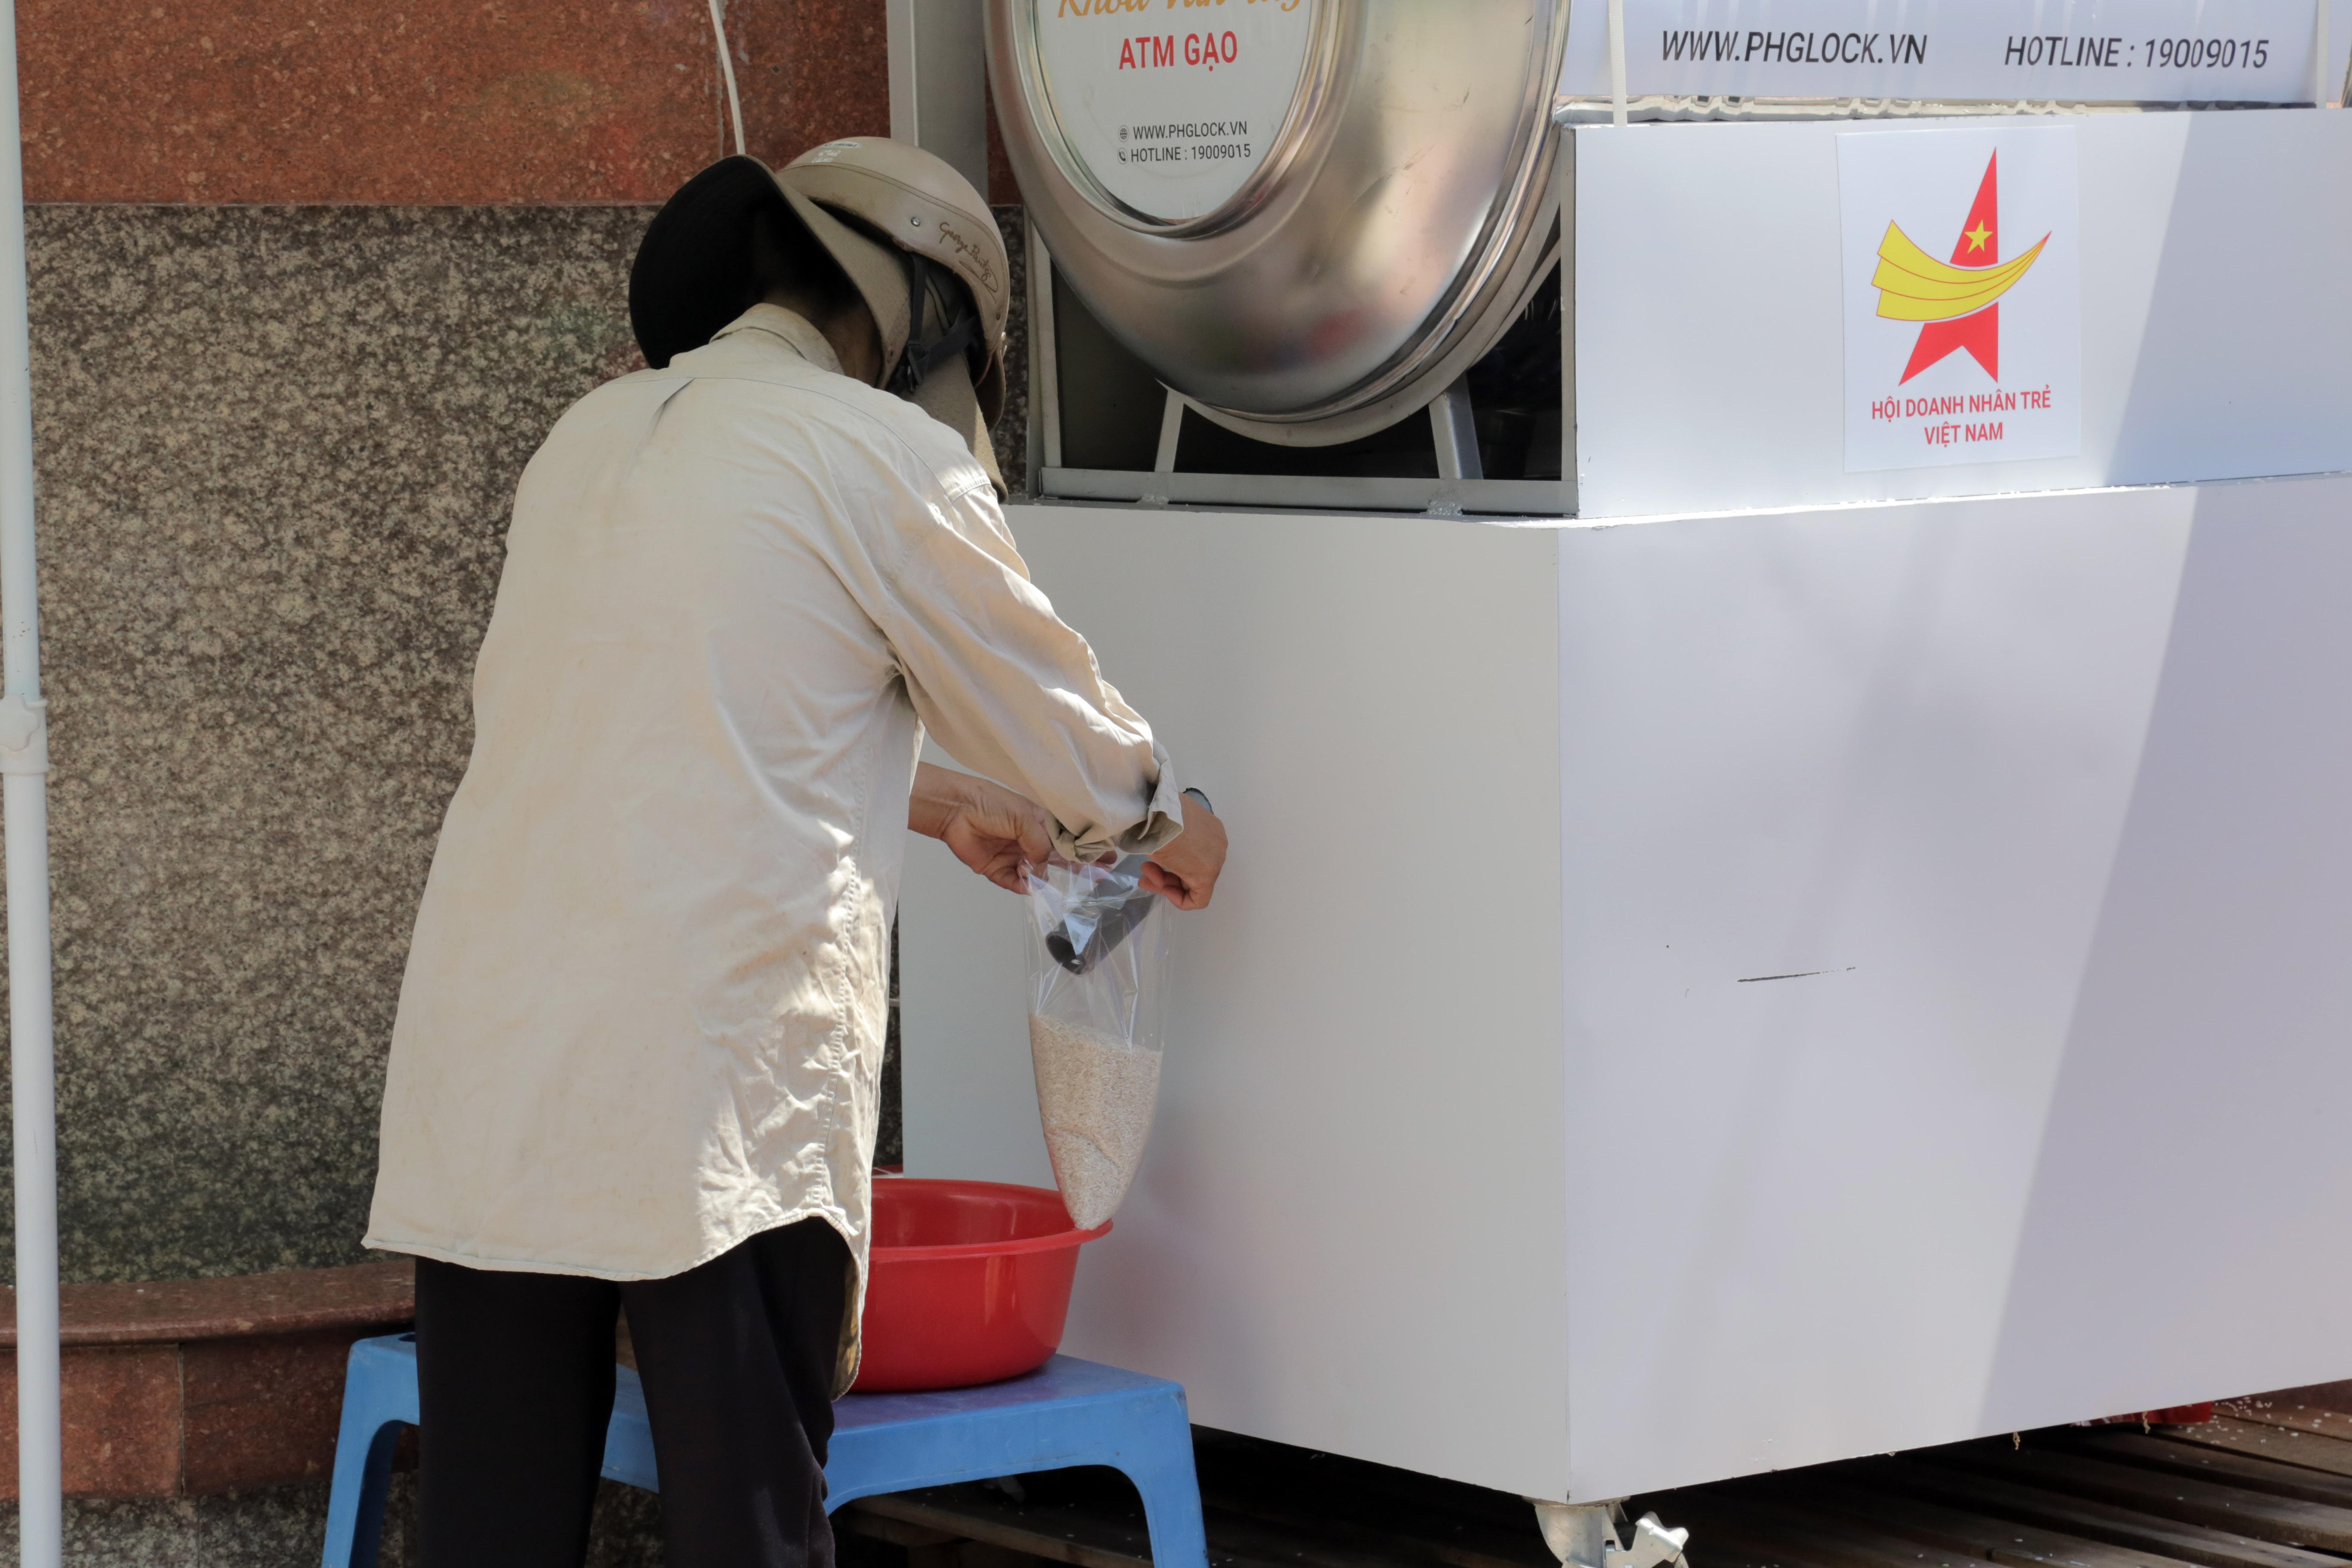 """""""ATM gạo"""" thứ 2 ở Sài Gòn hoạt động trong mùa dịch, bà con khó khăn chỉ cần đến """"máy sẽ tự động nhả gạo"""" - hình ảnh 9"""